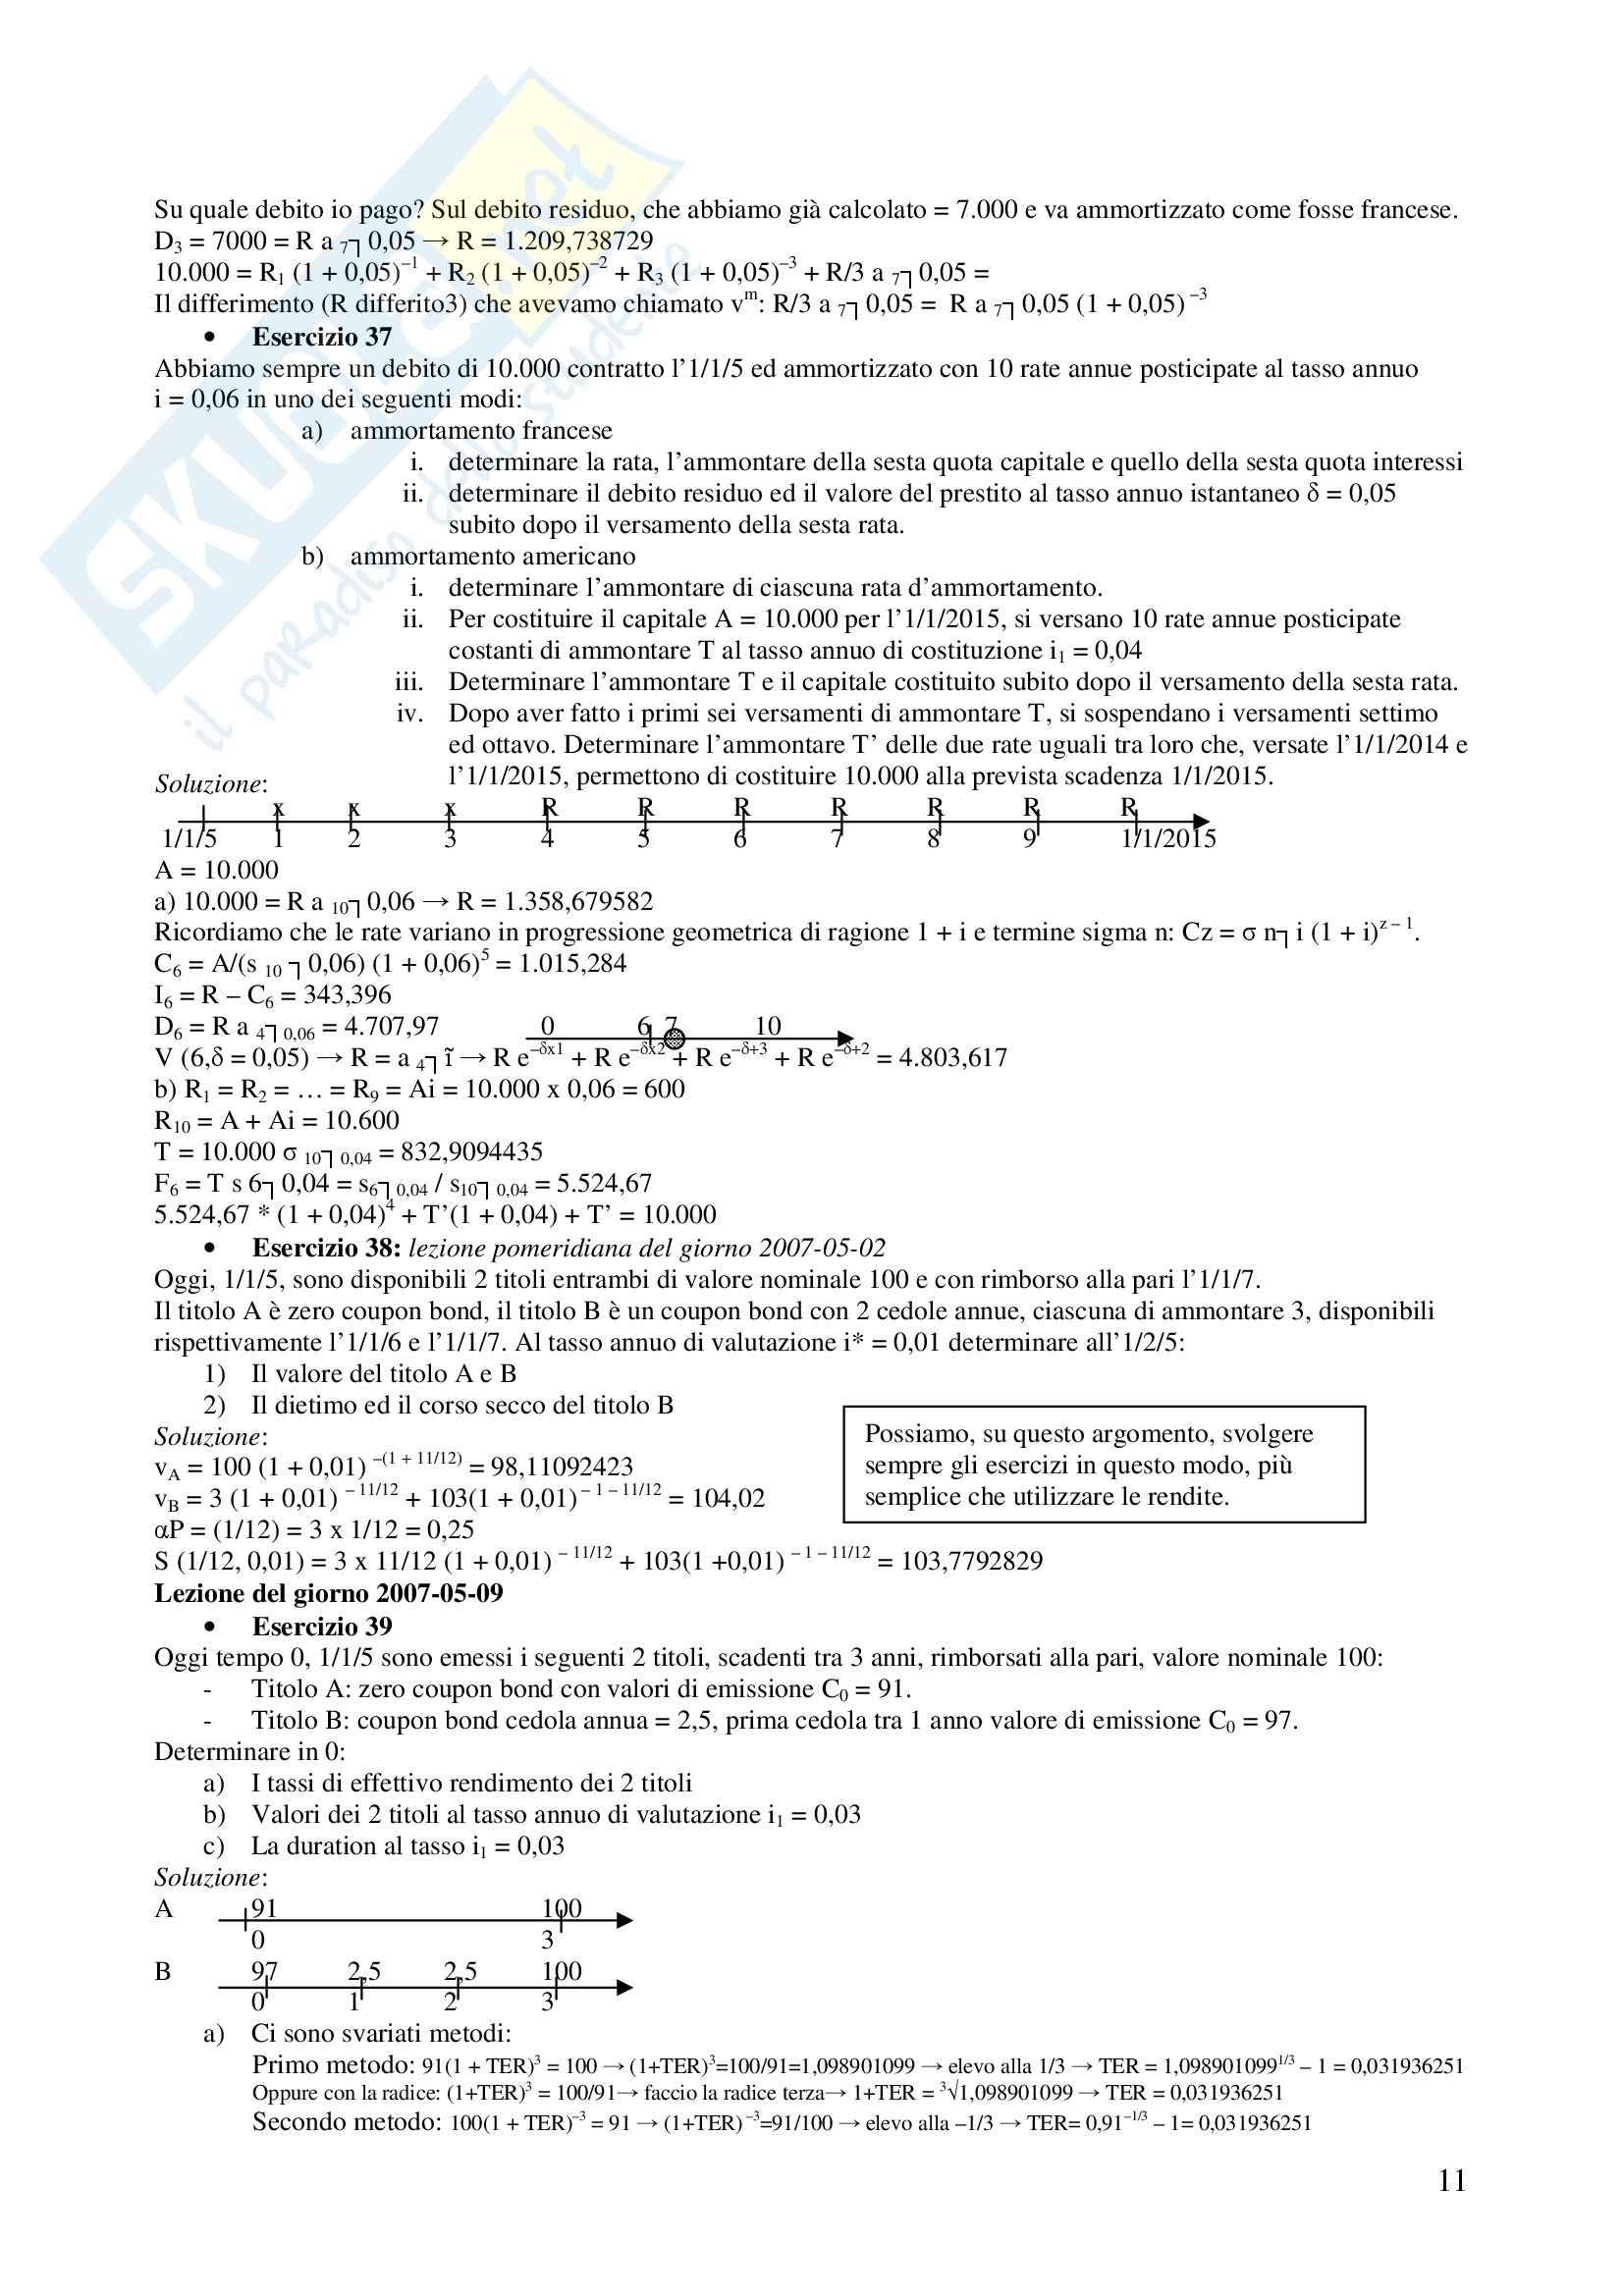 Matematica finanziaria - Esercizi Pag. 11